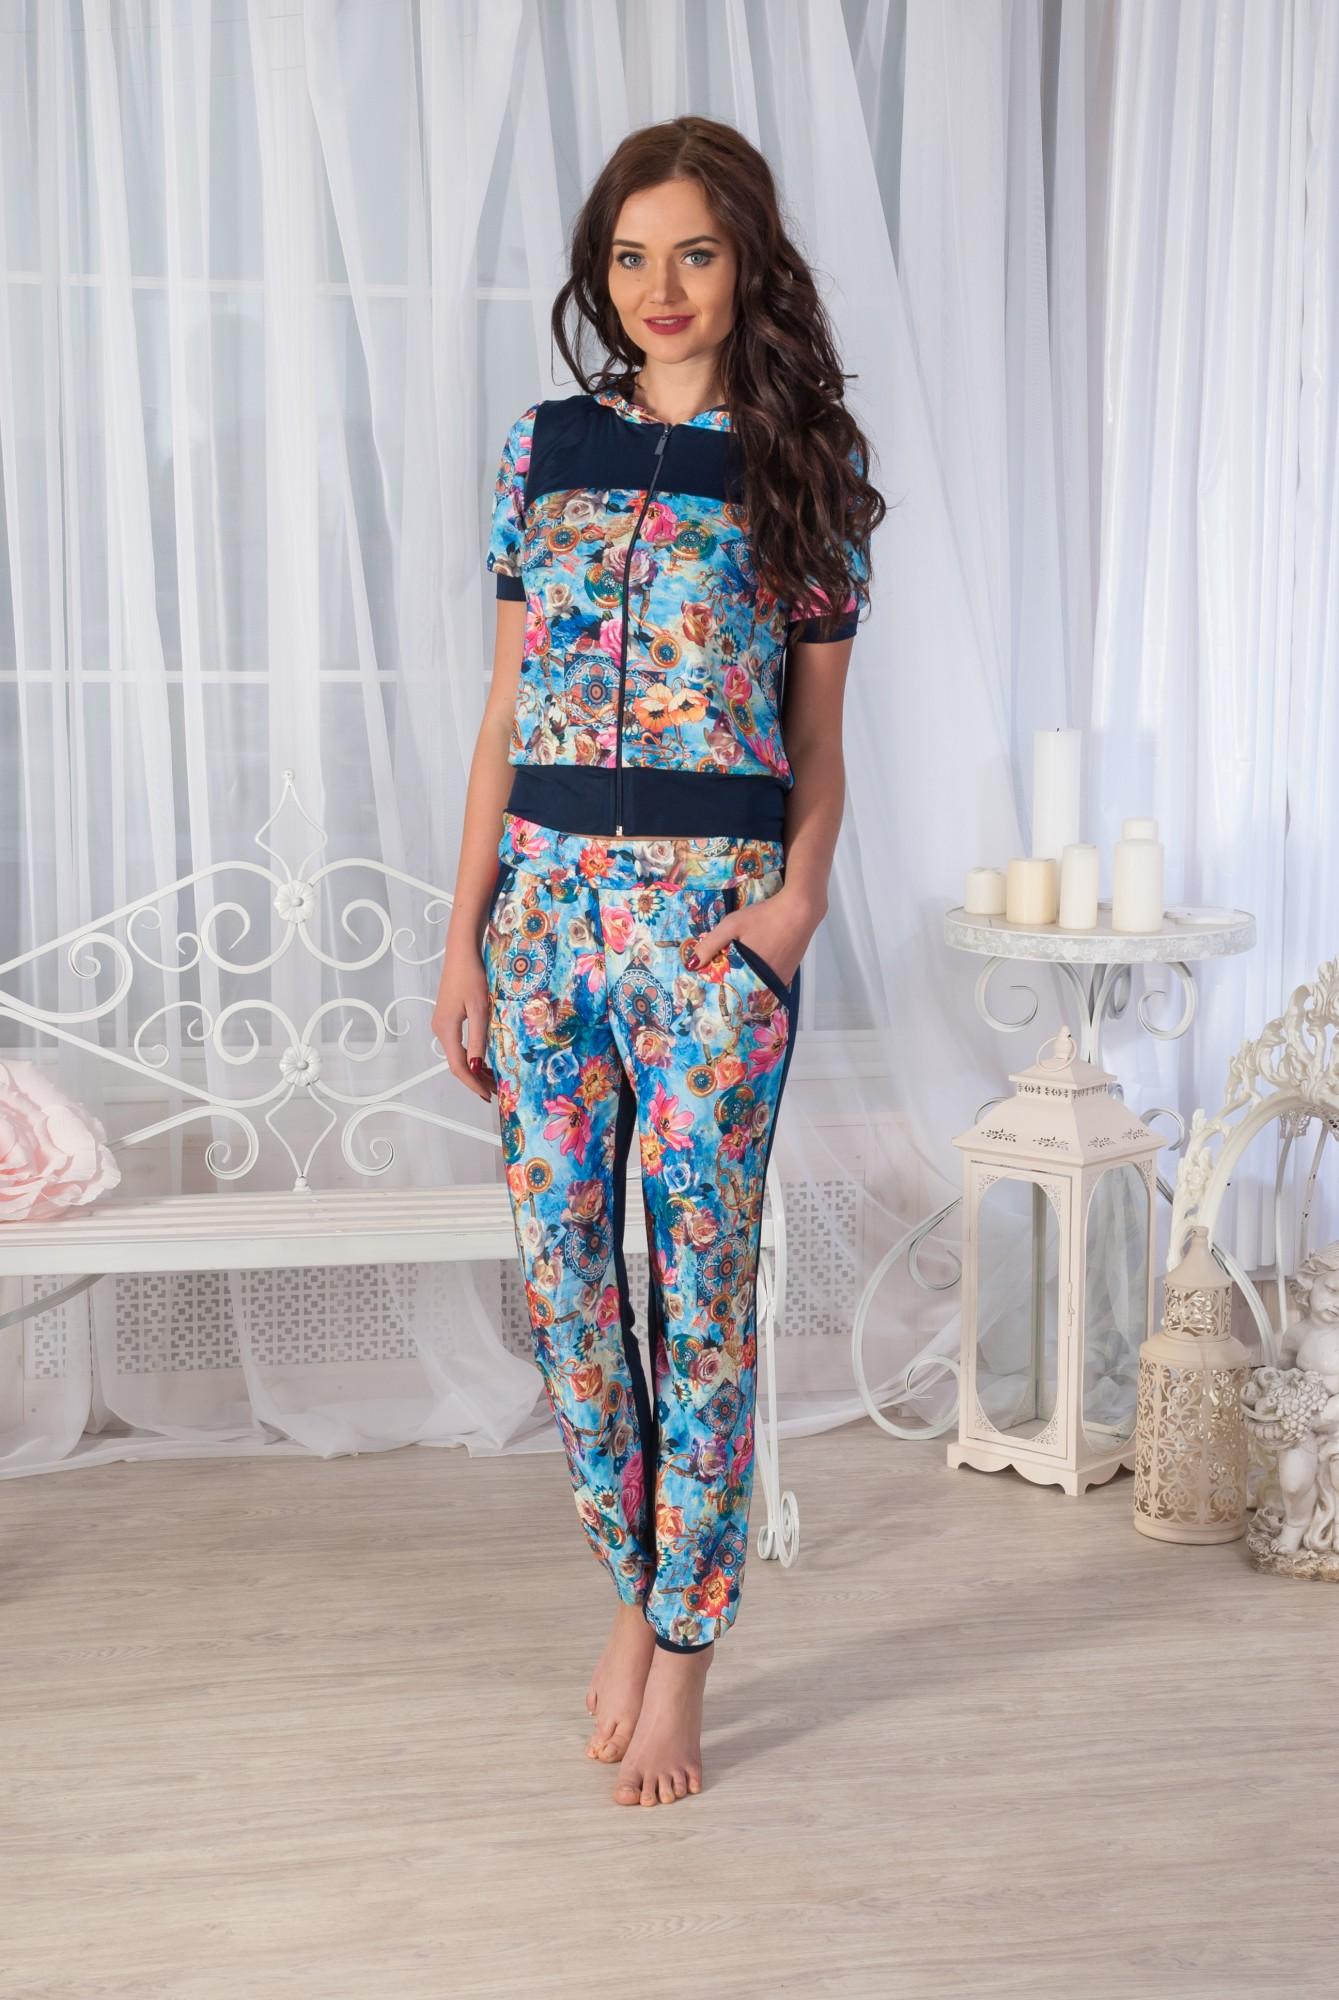 Костюм женский Аманда-брюки блуза с коротким рукавомДомашние комплекты, костюмы<br><br><br>Размер: Лео